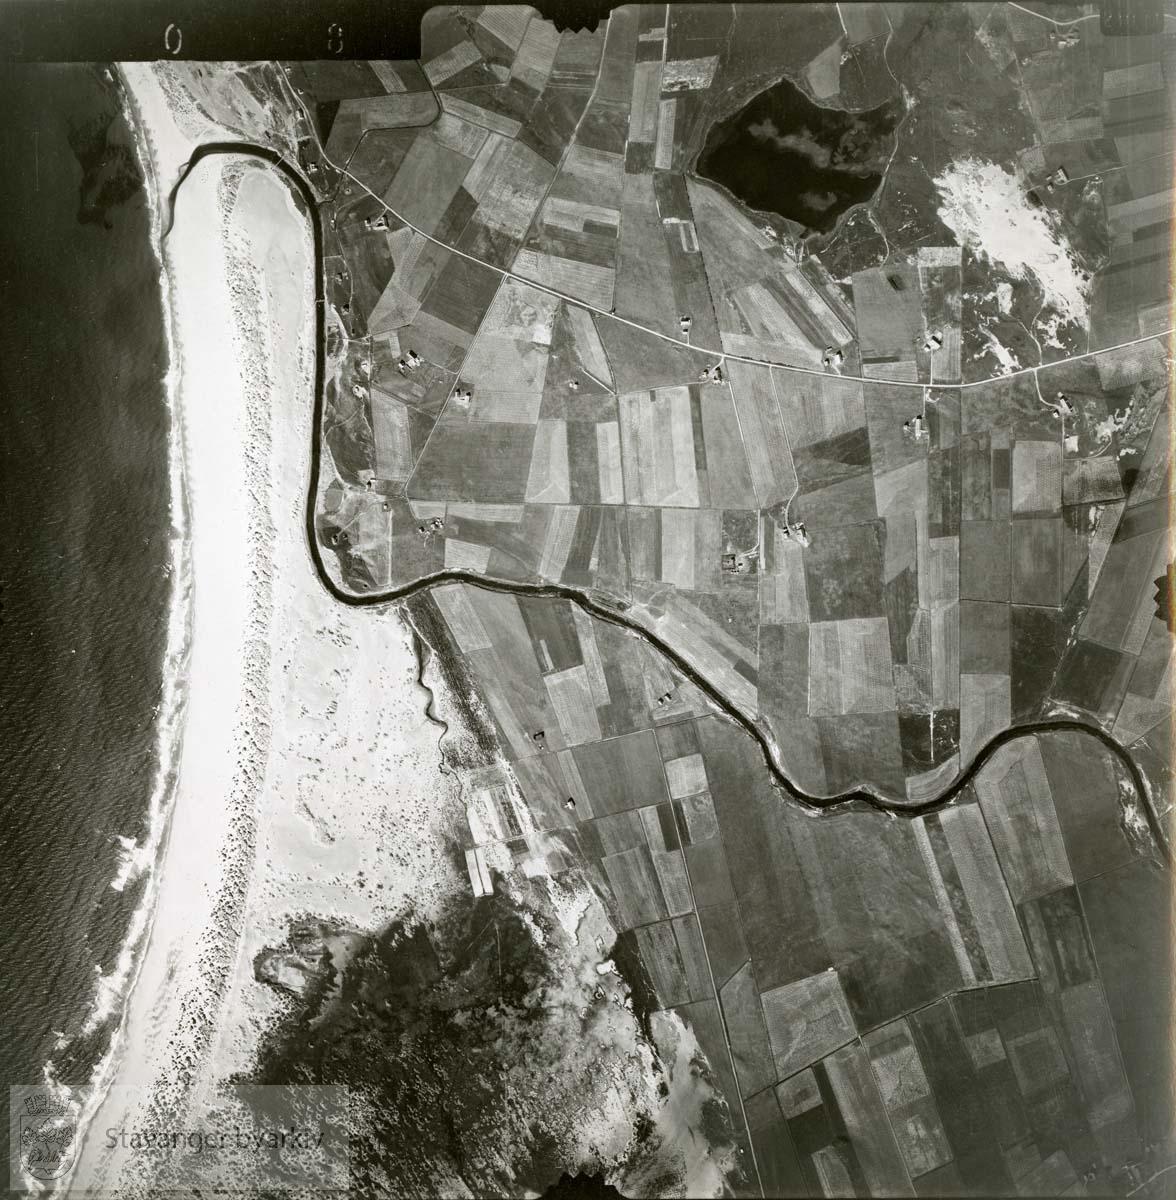 Jfr. kart/fotoplan A(III) 11/308..Borestranda..Se ByStW_Uca_002 (kan lastes ned under fanen for kart på Stavangerbilder)